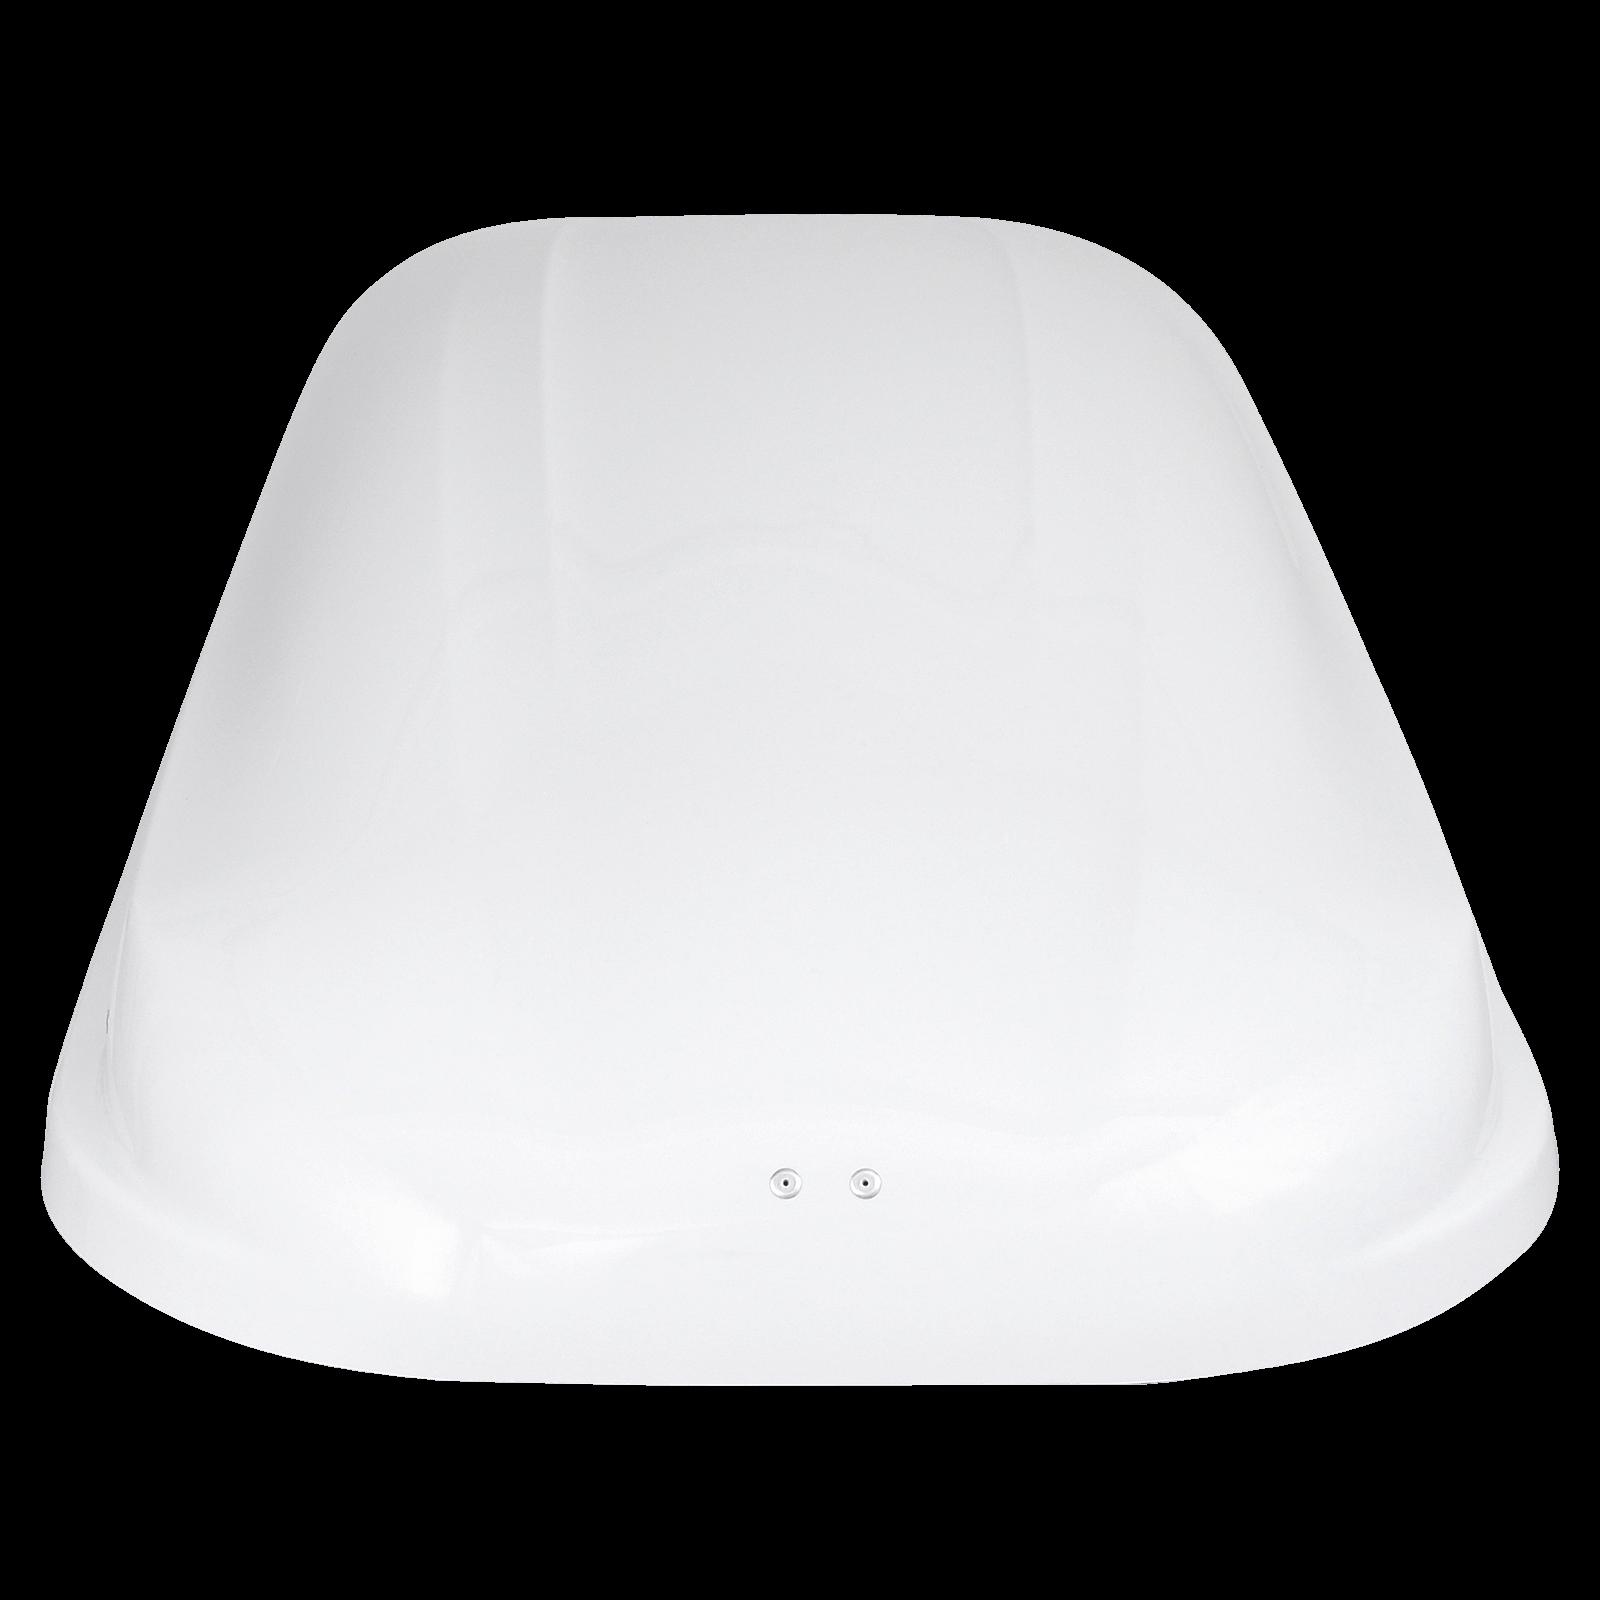 Dachbox Junior Altro 500 weiß glänzend - Bild 3